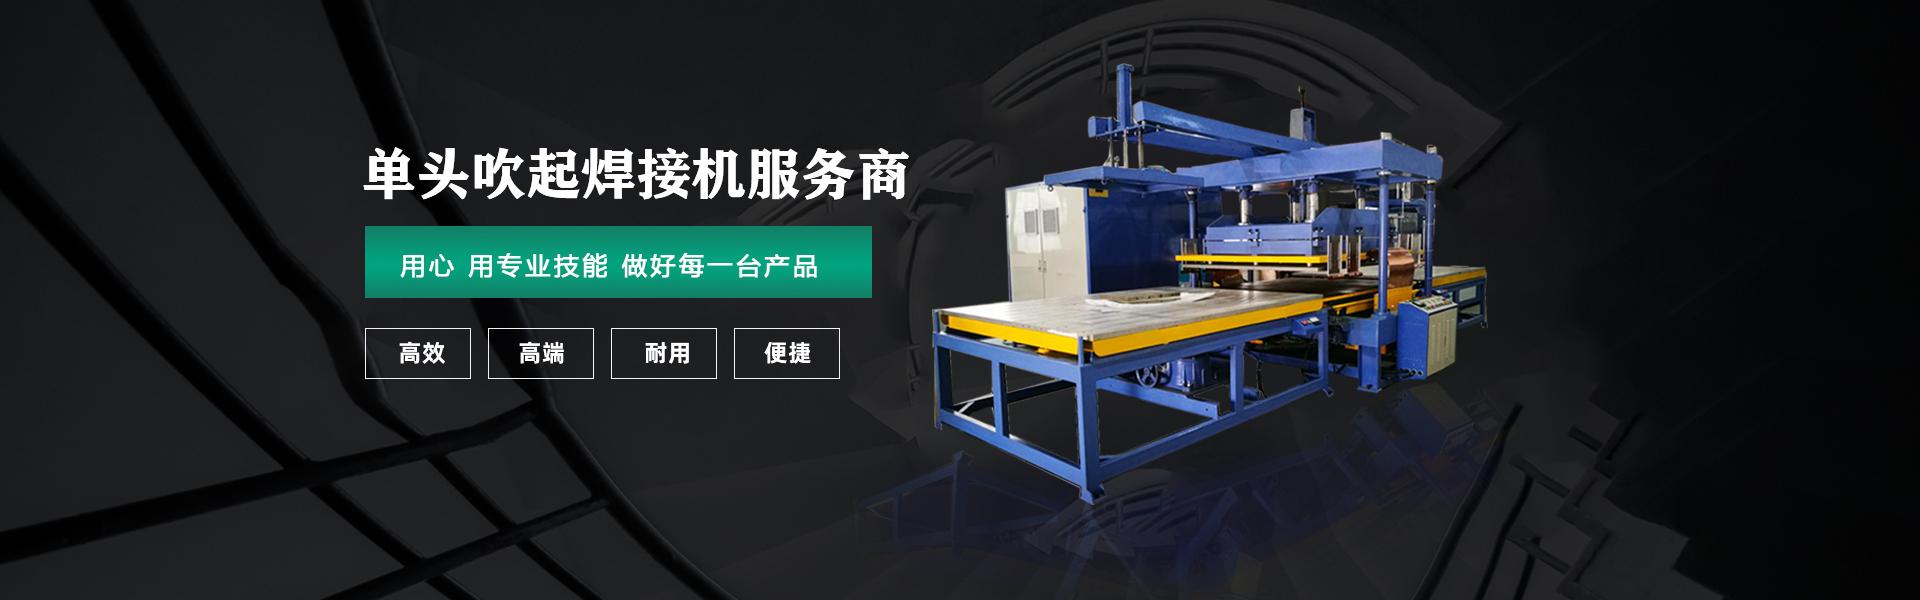 自动高频焊接机,高周波同步熔断机